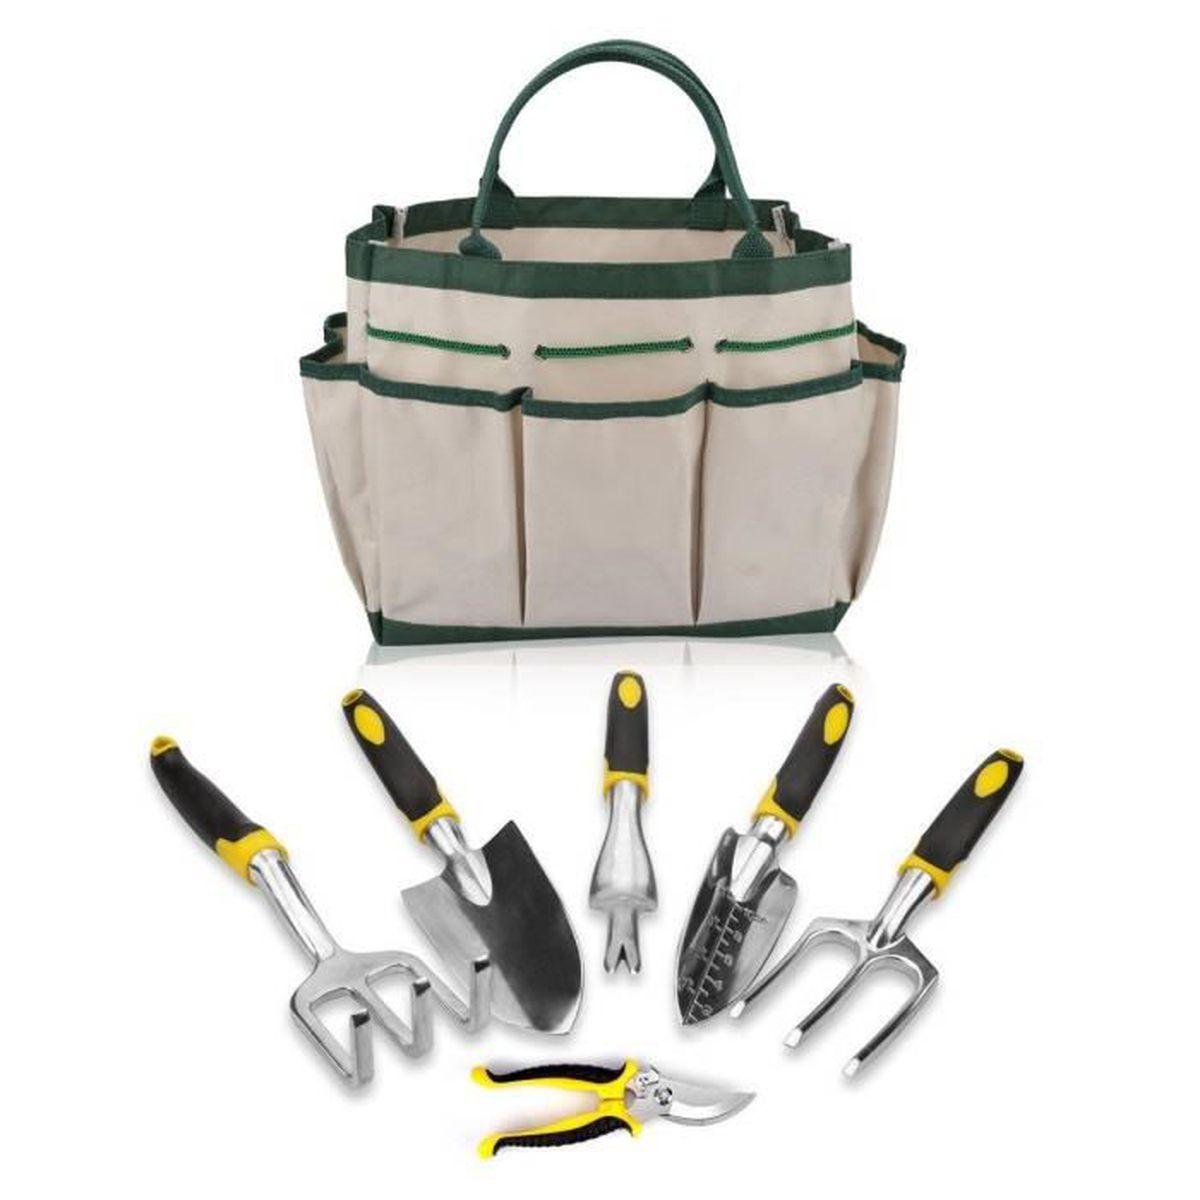 Les Outils De Jardinage Avec Photos epack ensemble de outil de jardin, lot de 7 pièces avec sac